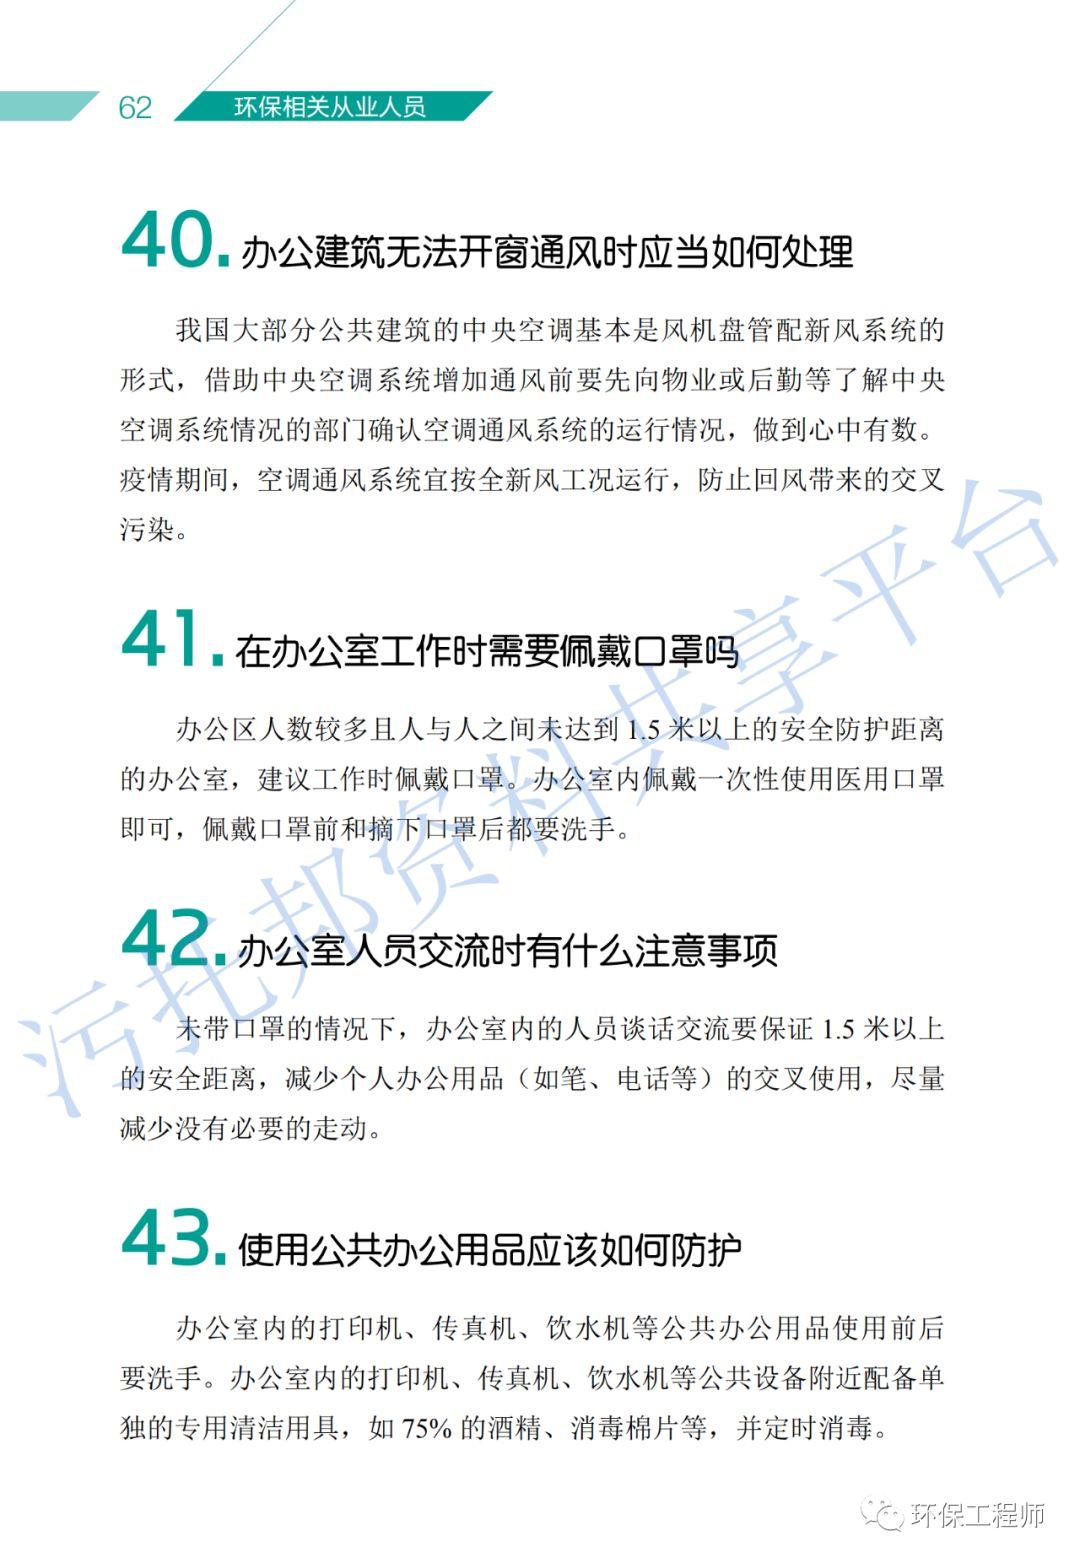 《环保从业人员新型冠状病毒疫情防护手册》_41